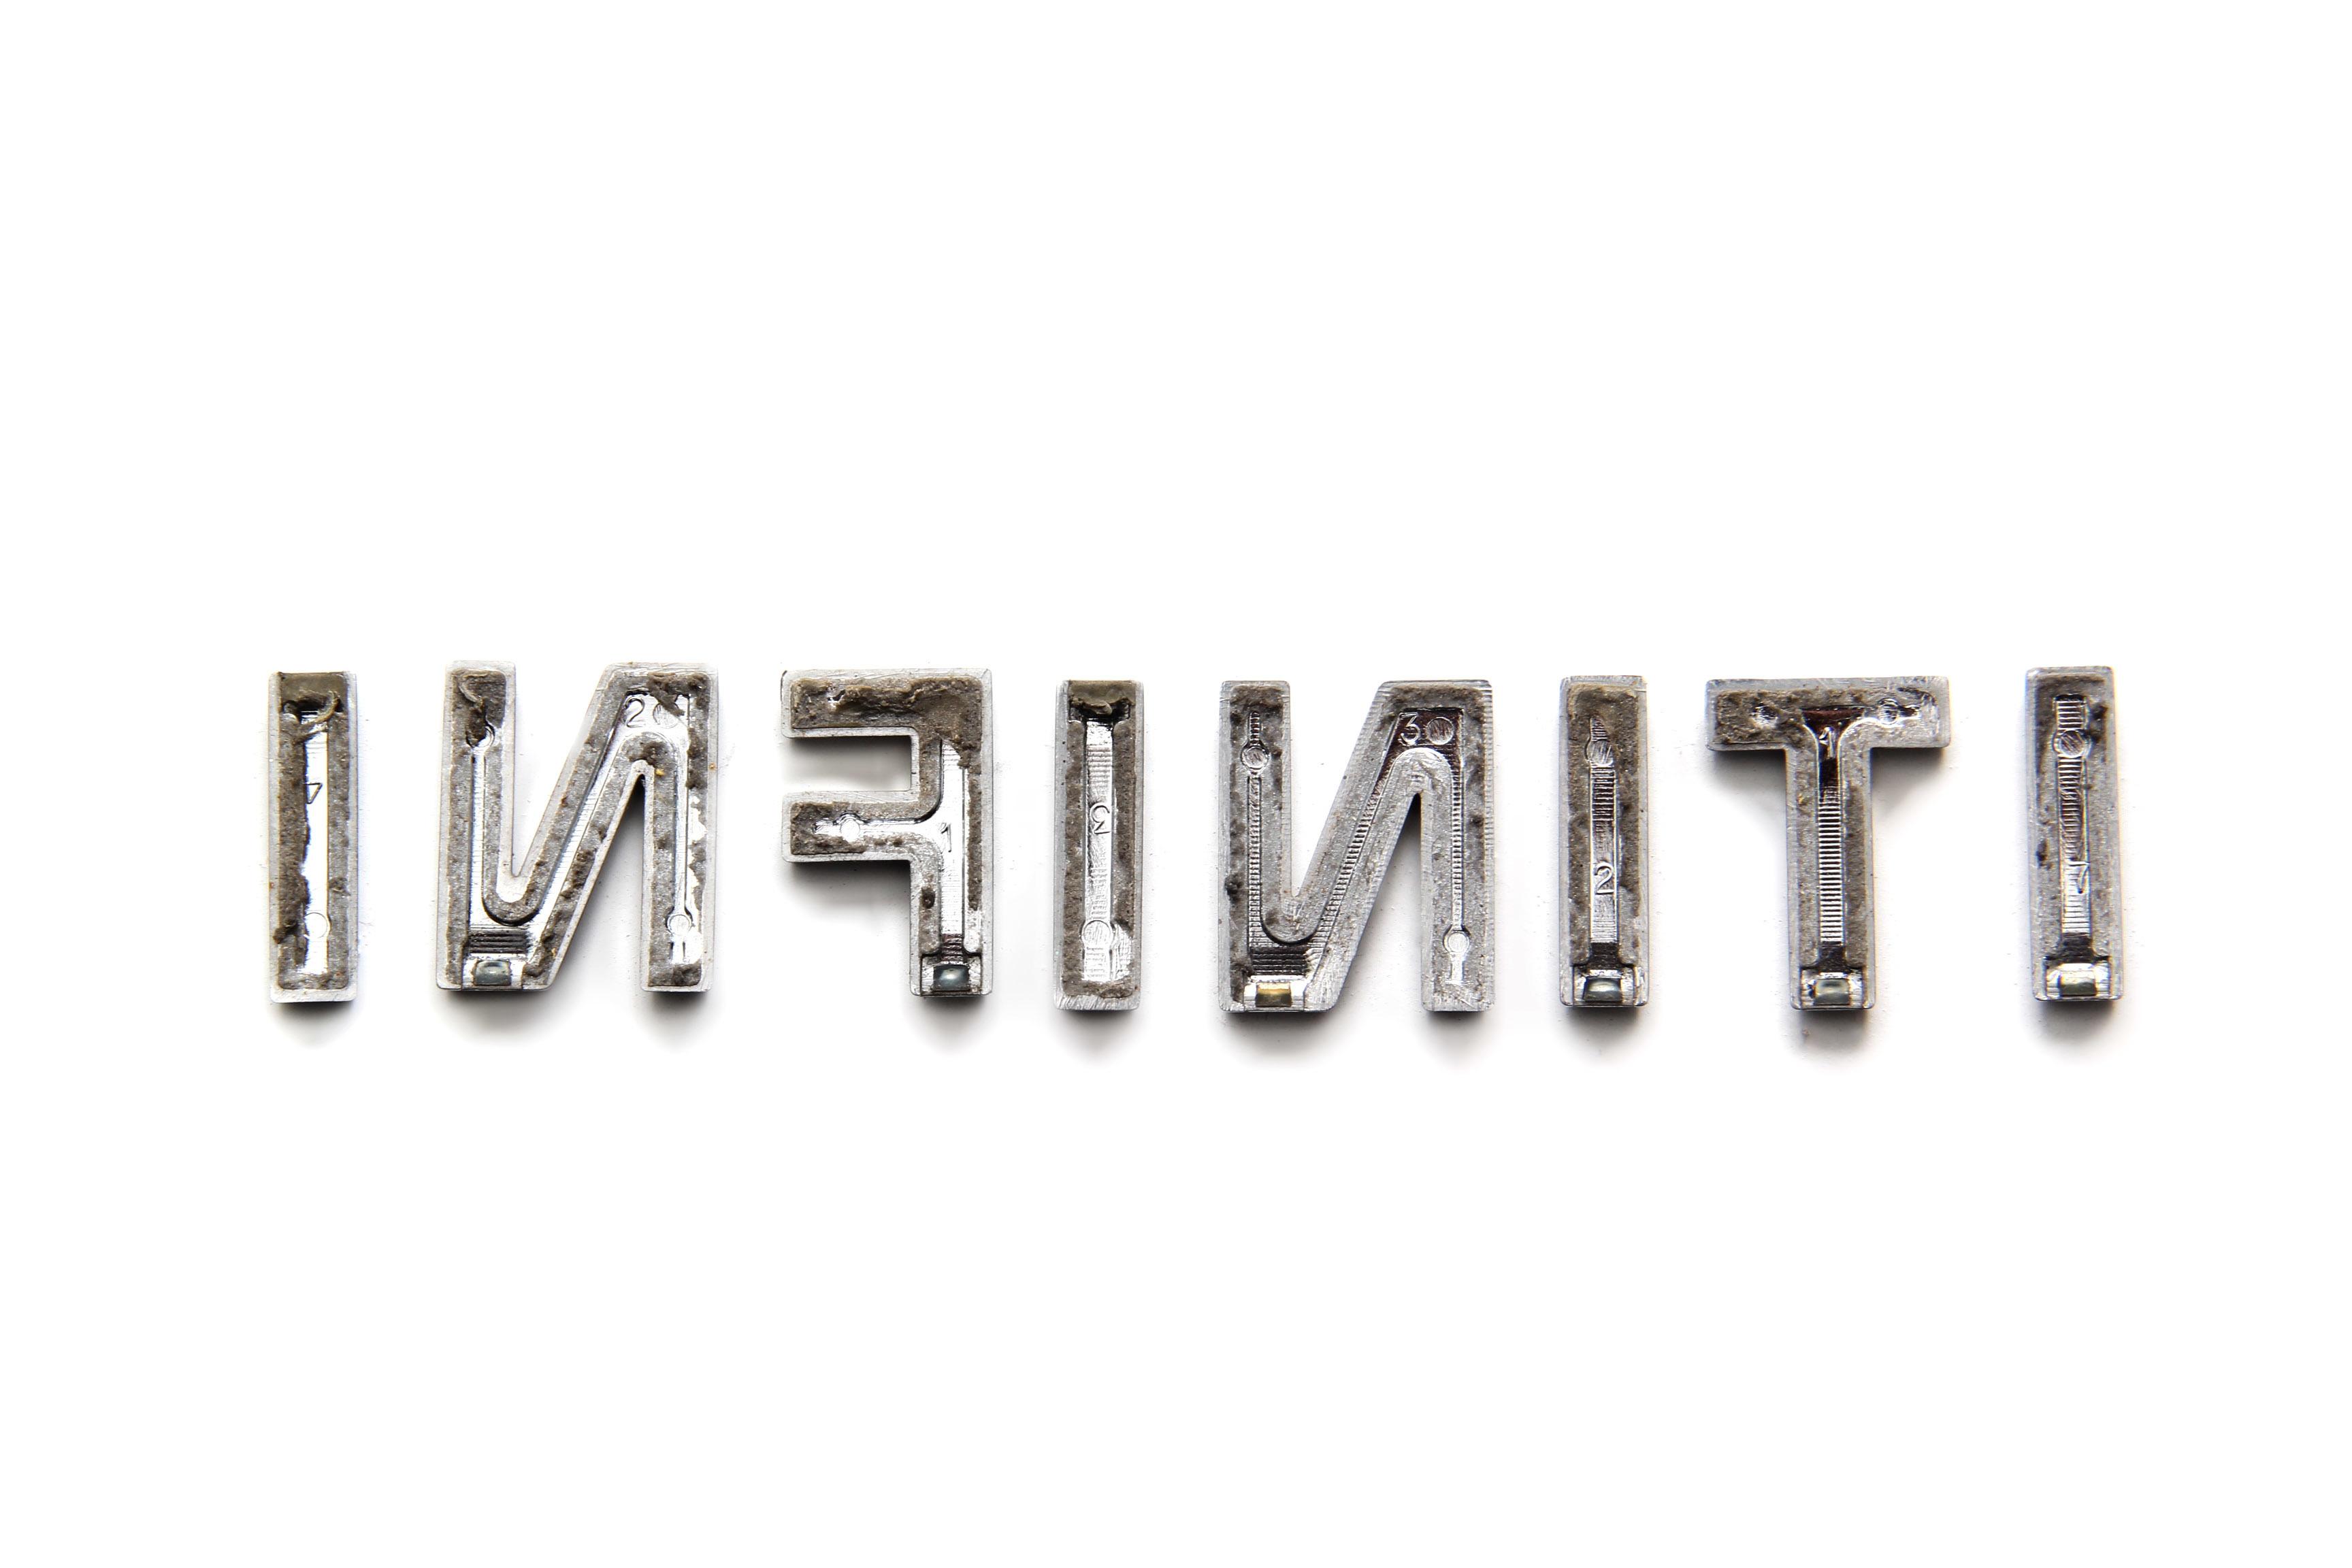 2013 NISSAN 370Z REAR TRUNK OEM EMBLEM BADGE LOGO NUMBER 7 09 10 11 12 13 14 15